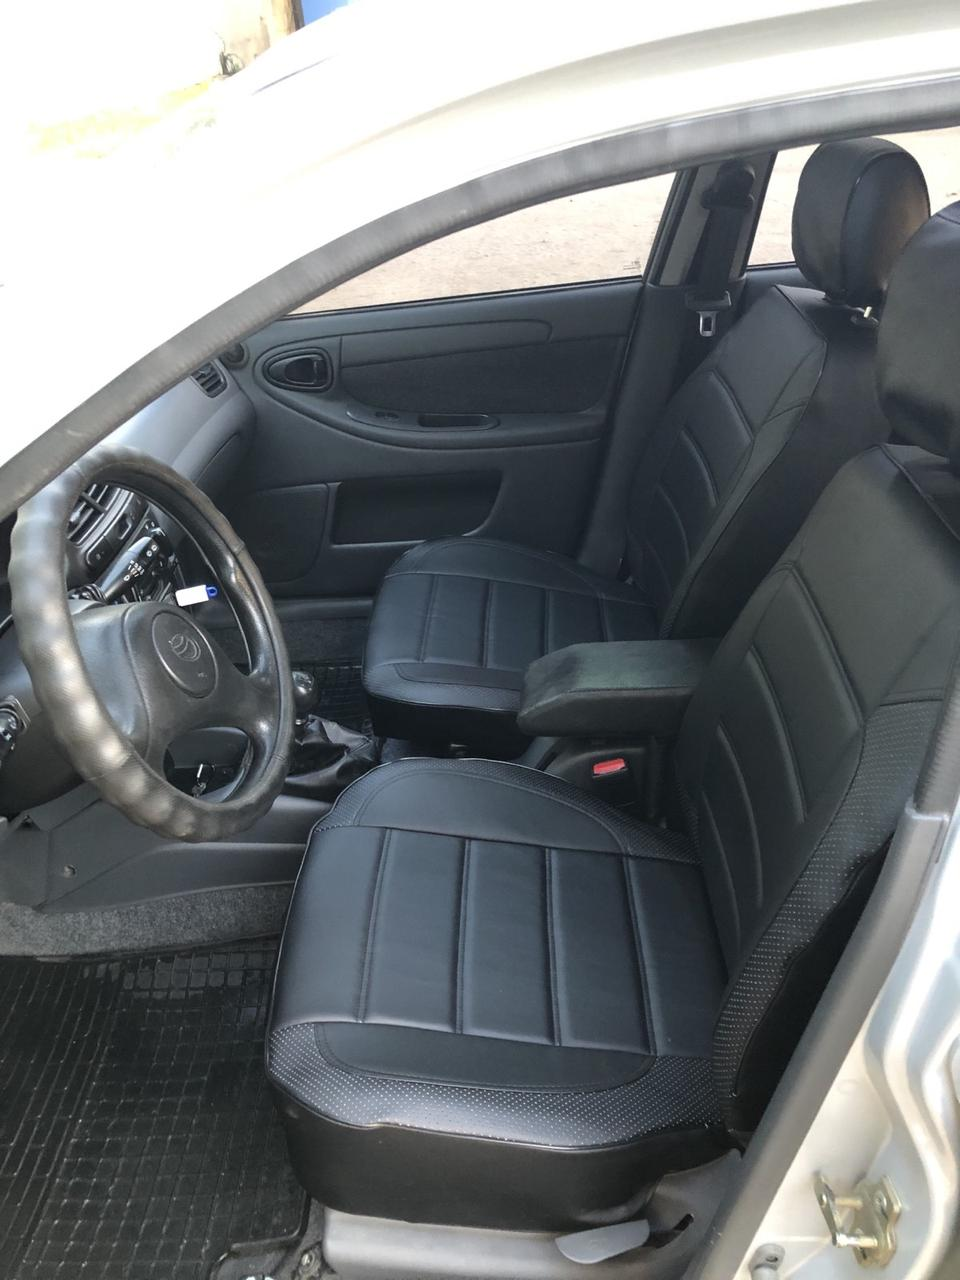 Чехлы на сиденья Сузуки Свифт (Suzuki Swift) модельные MAX-L из экокожи Черный